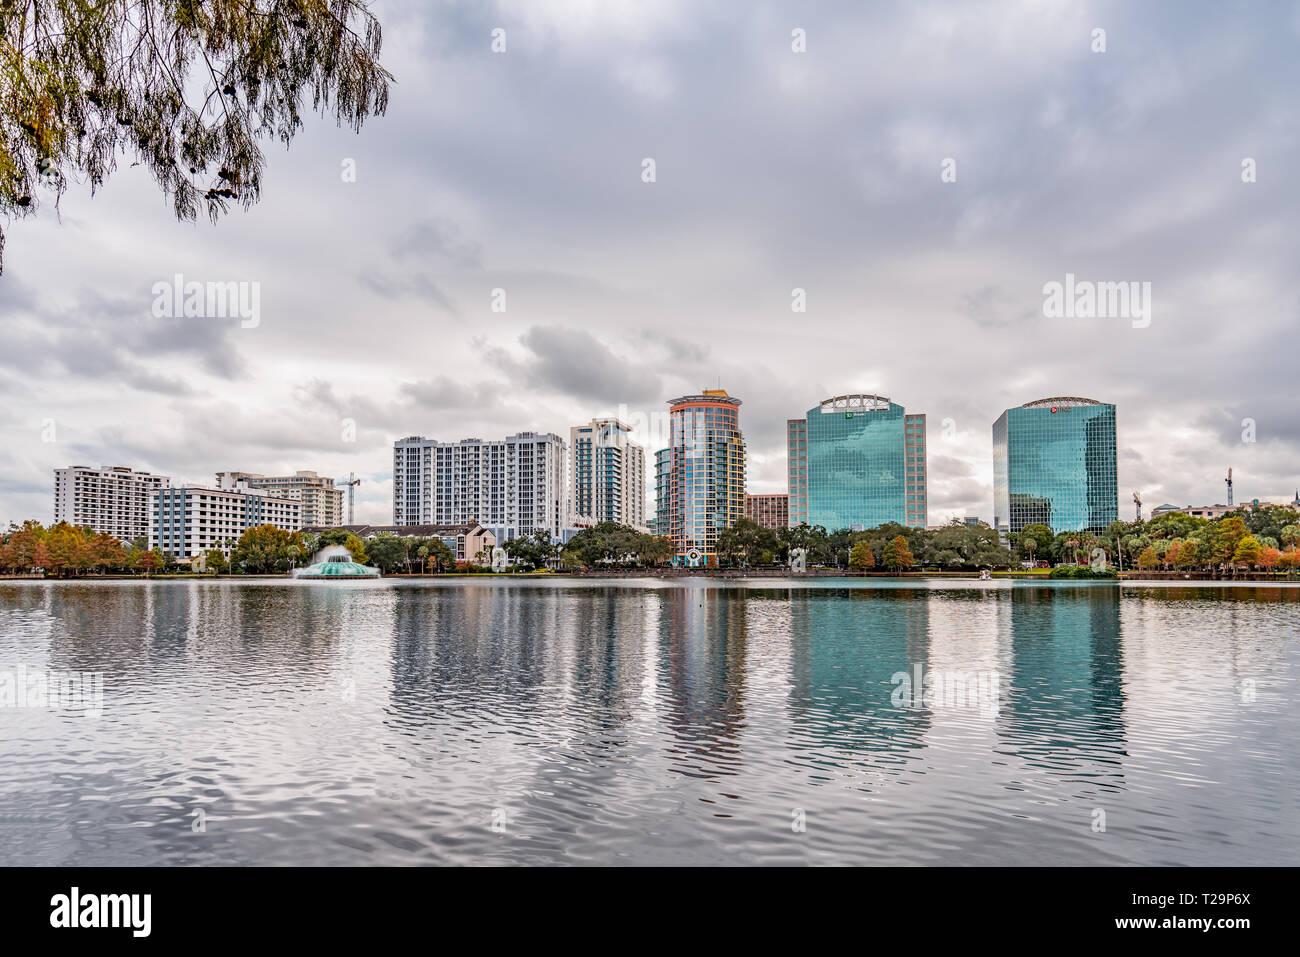 ORLANDO, Florida, EE.UU. - Diciembre, 2018: Lake Eola Park, un destino popular para los festivales, conciertos, paseos de recaudación de fondos e incluso bodas, ubicado en D Foto de stock